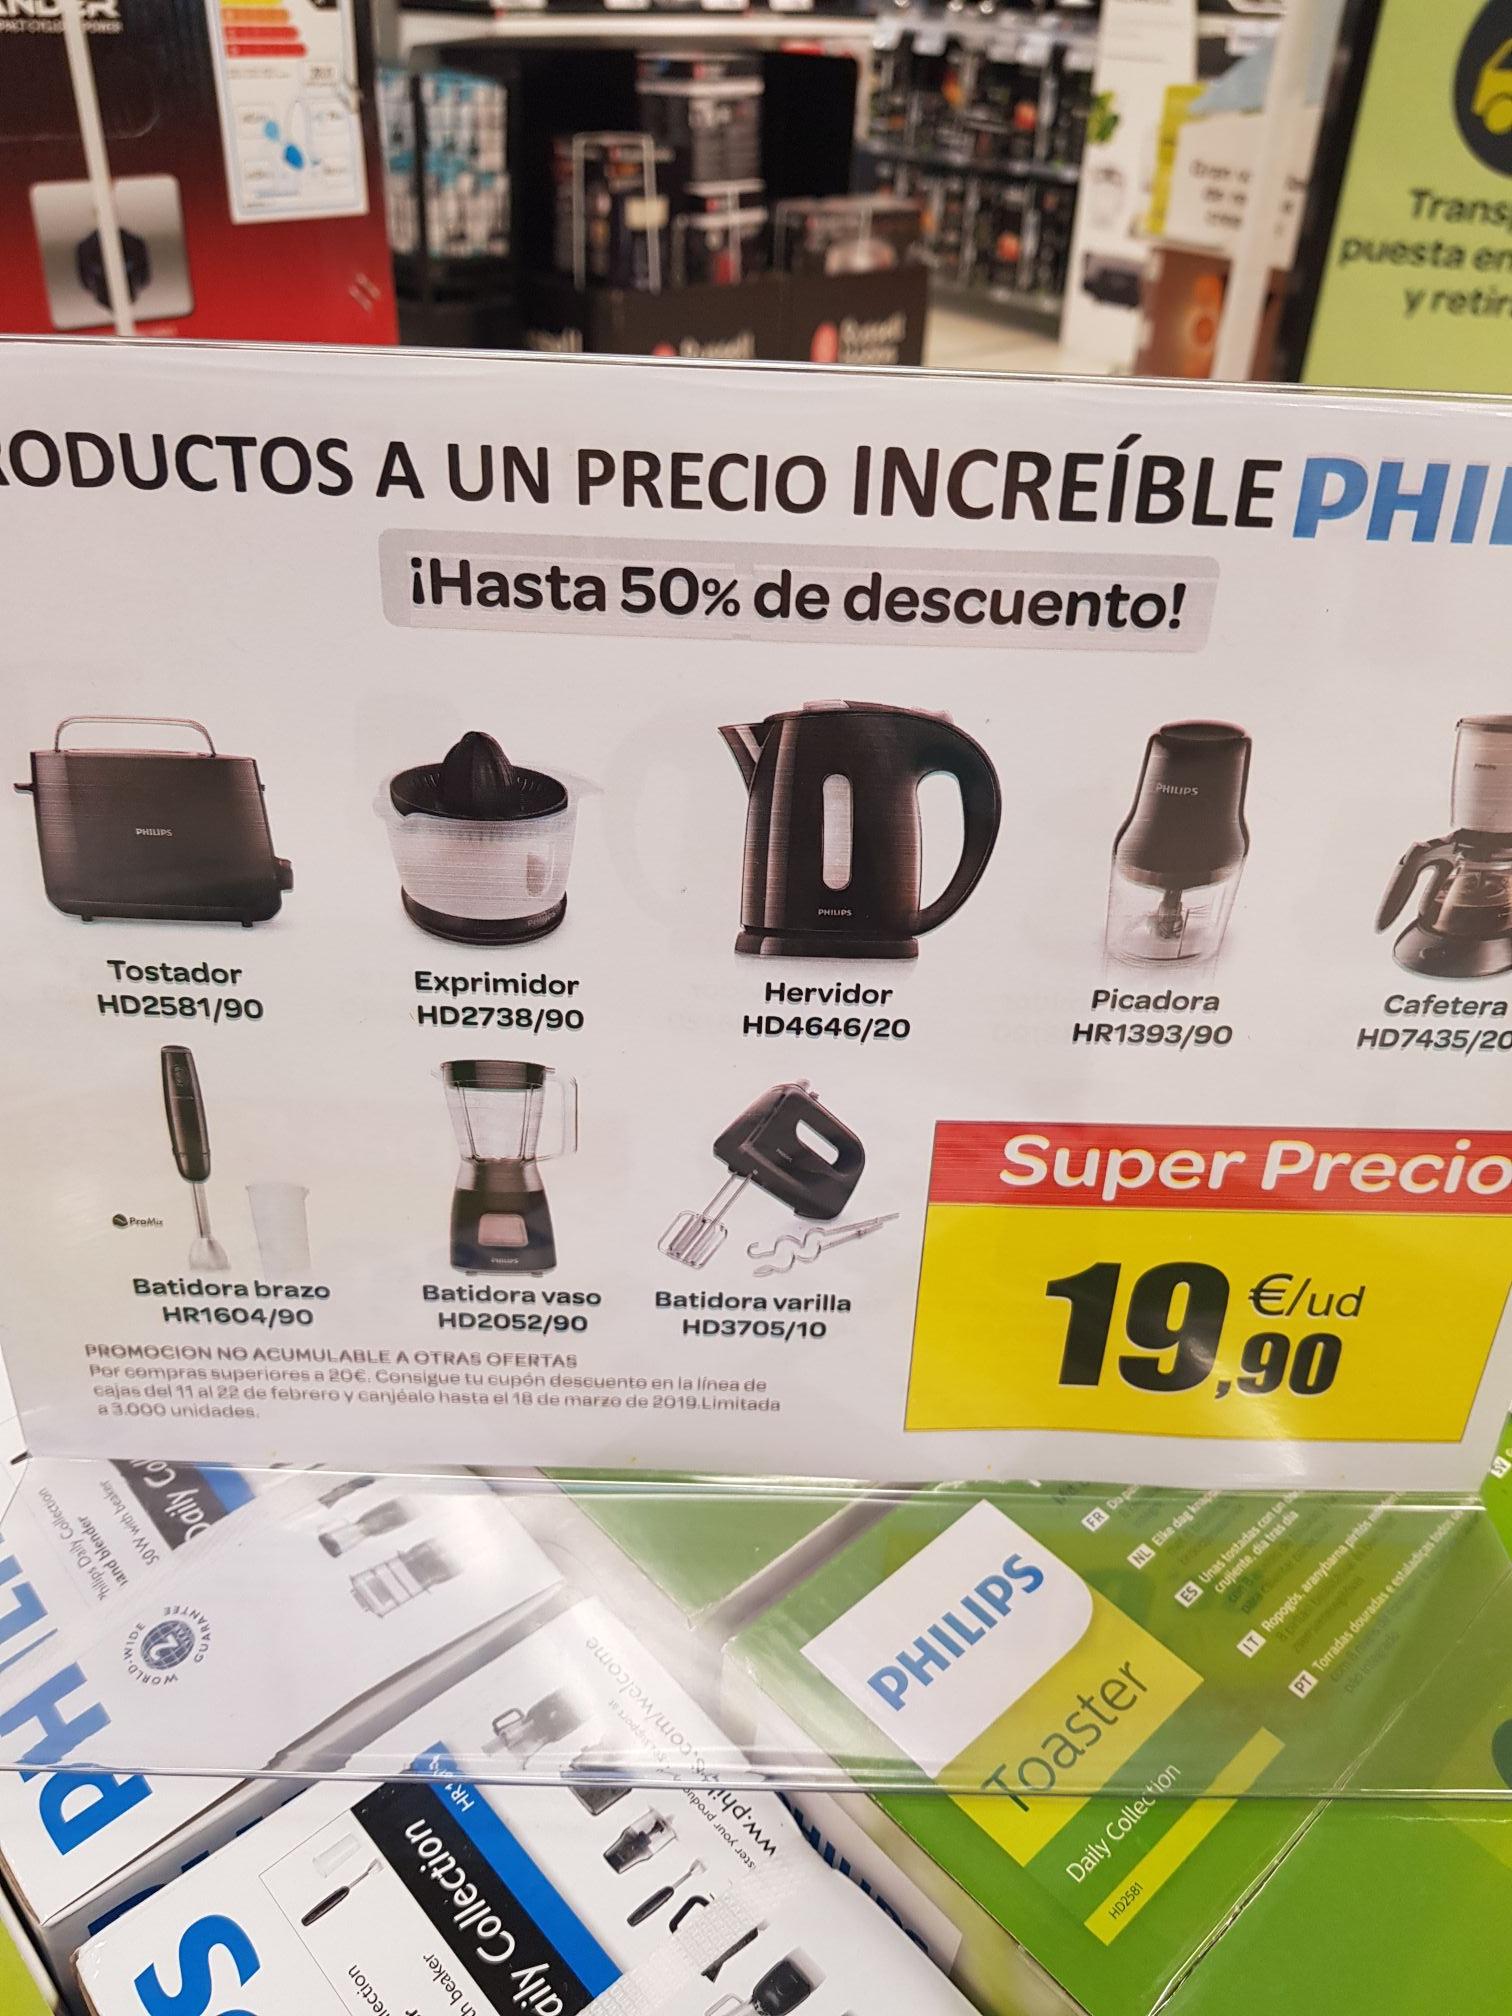 Todos los productos Philips de la foto en Carrefour